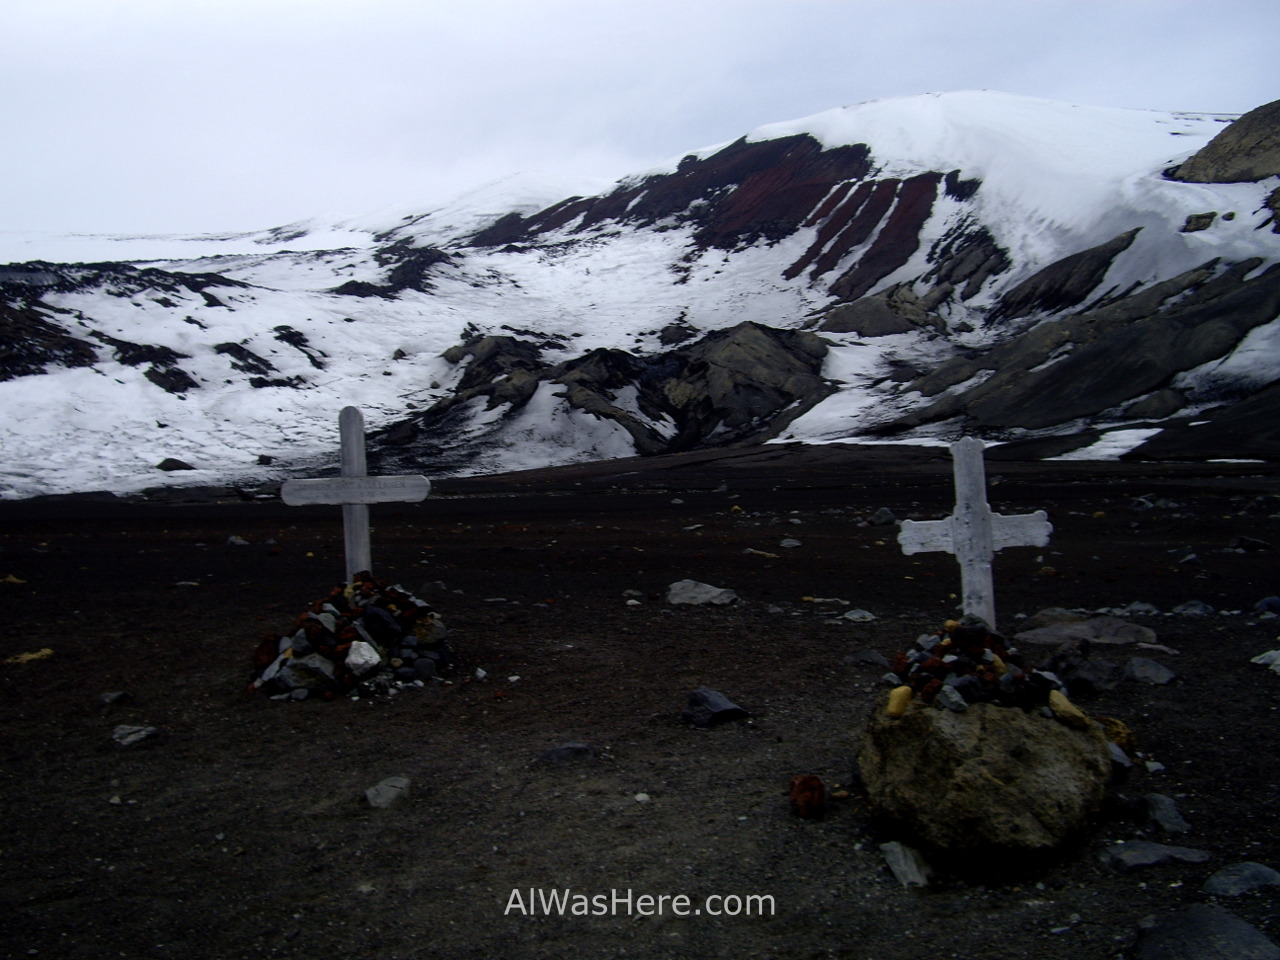 Antártida 2 Deception Island Decepcion Antarctica cementerio cemetery